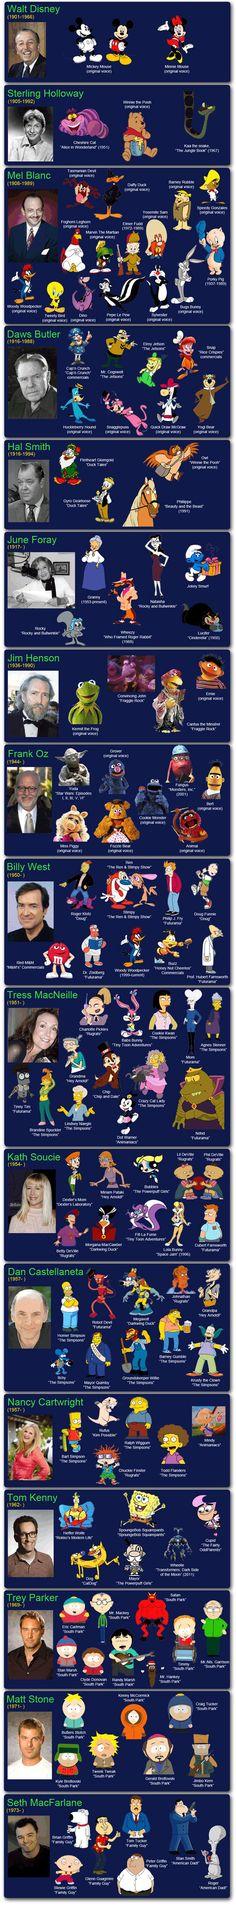 infografia Personajes Animados y los creativos que les dieron vida